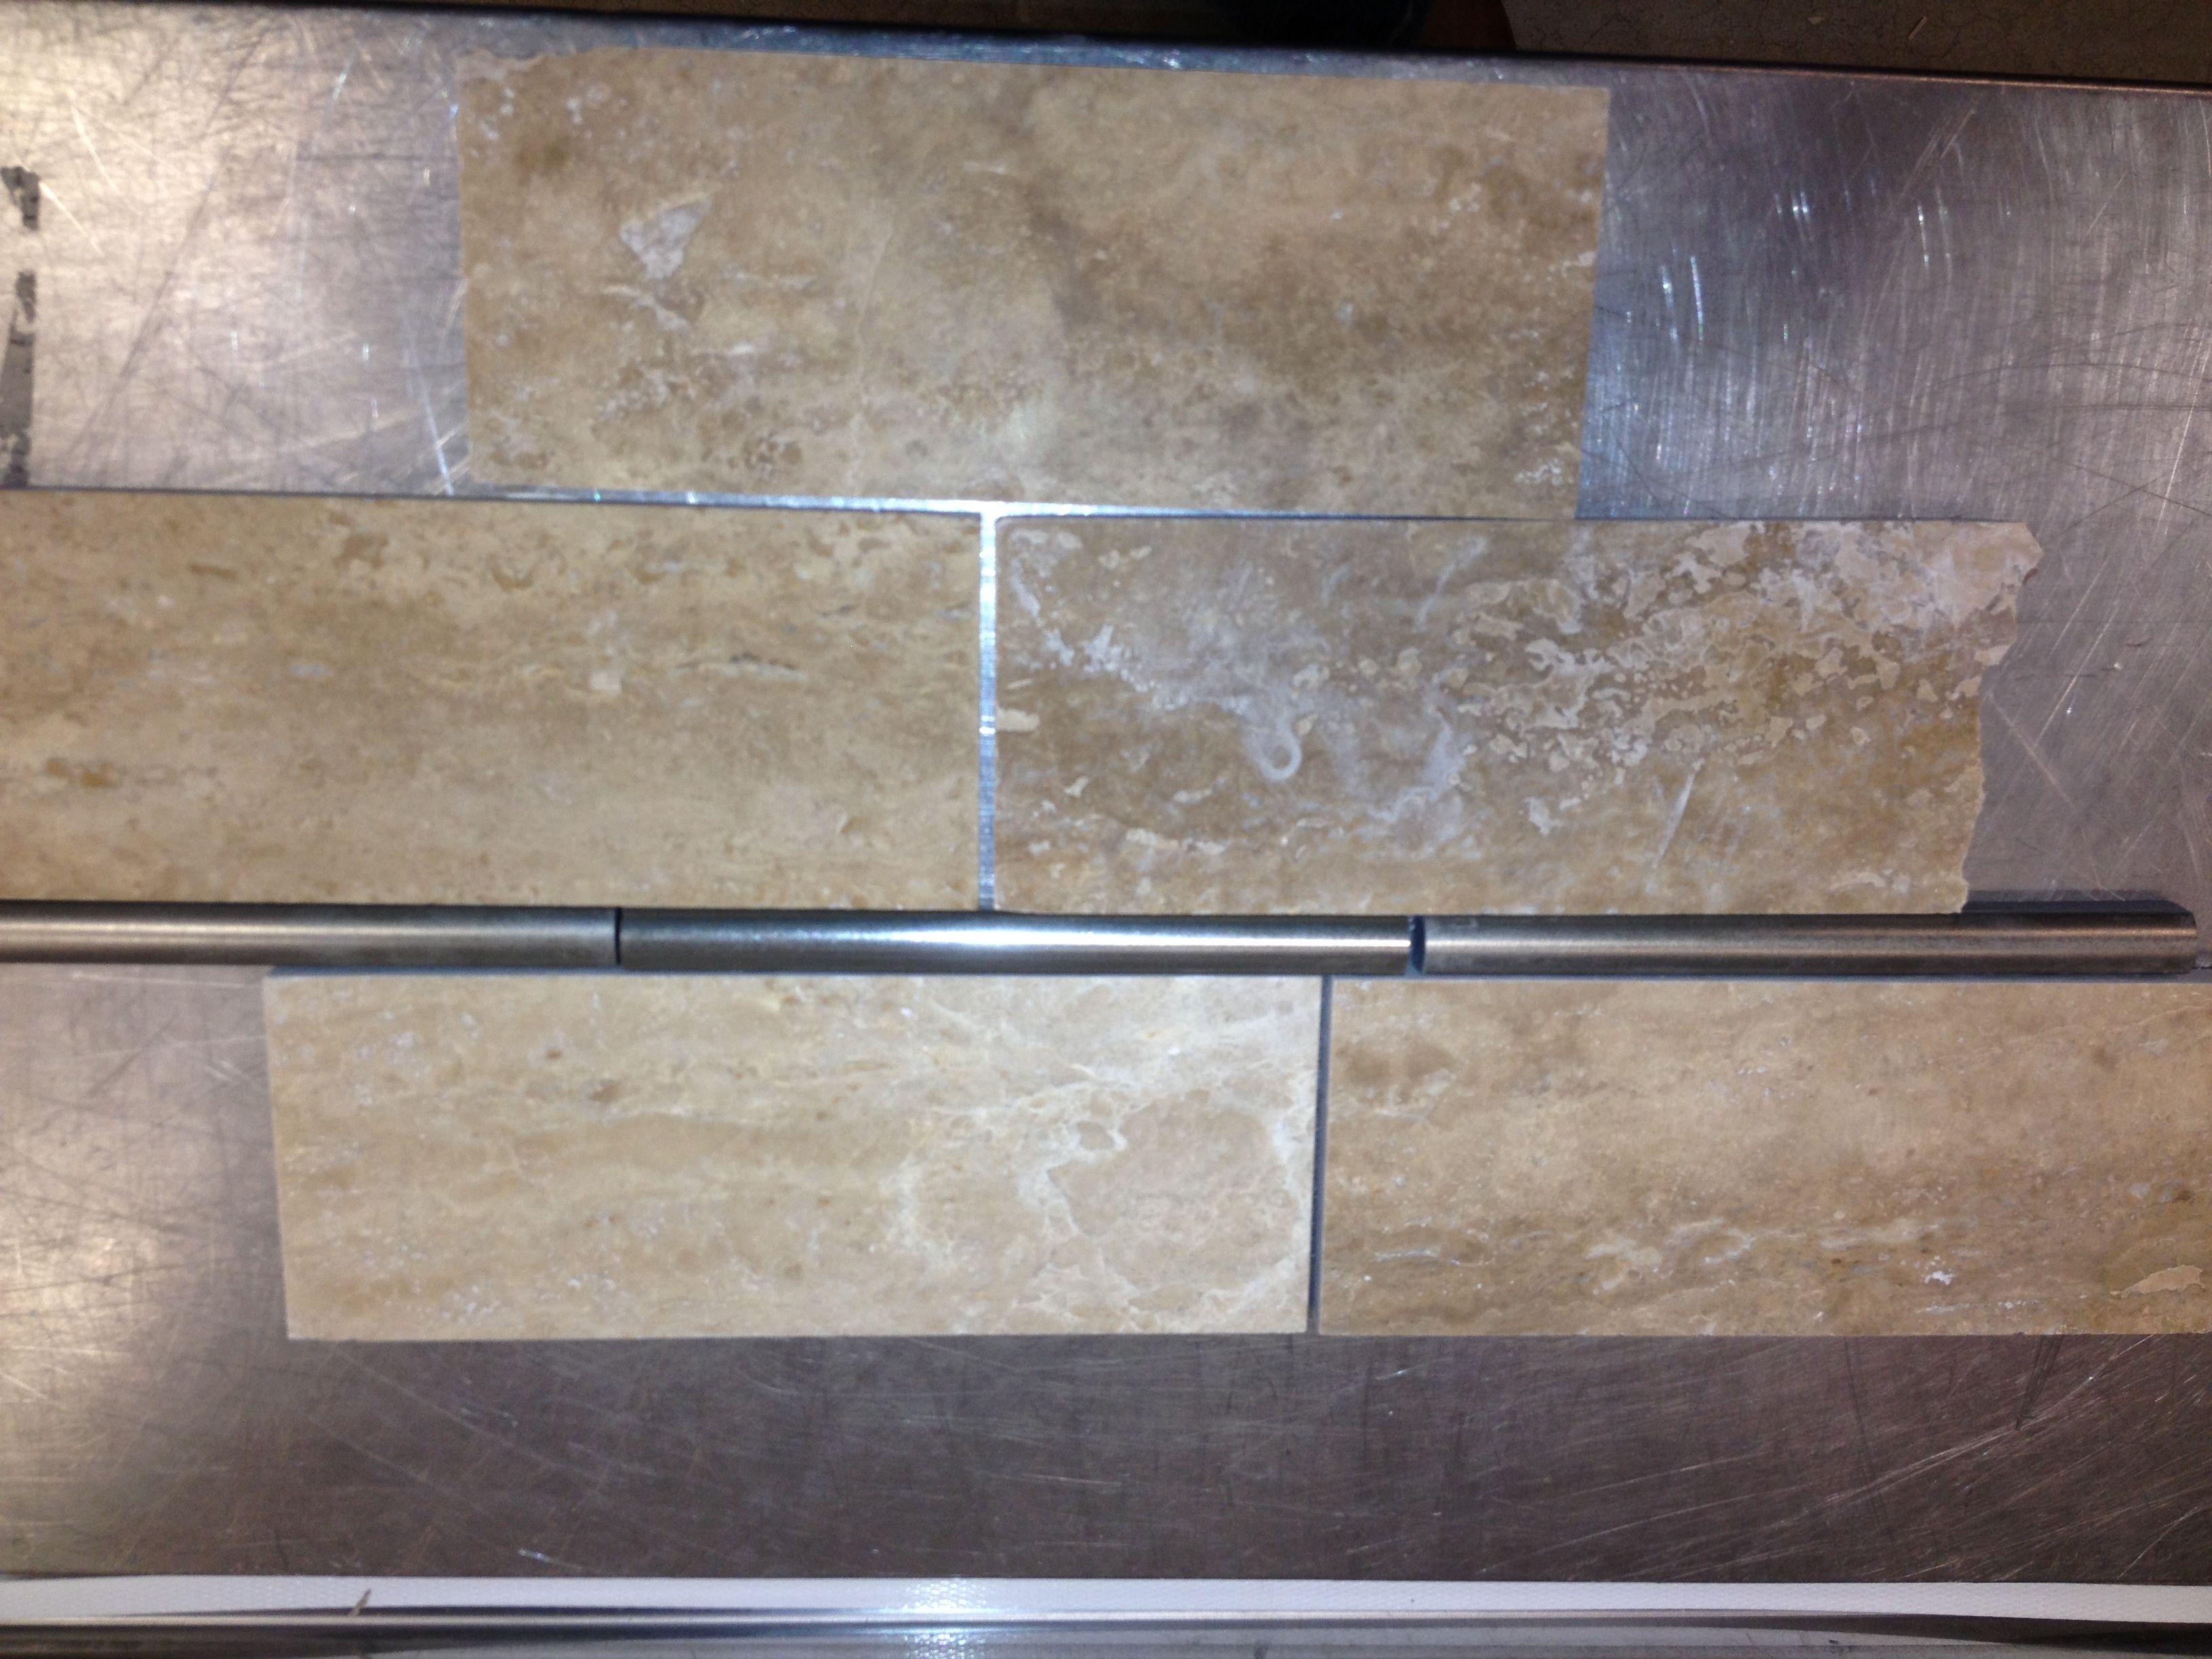 deco pieces bath ideas steel deco stainless steel client backsplash